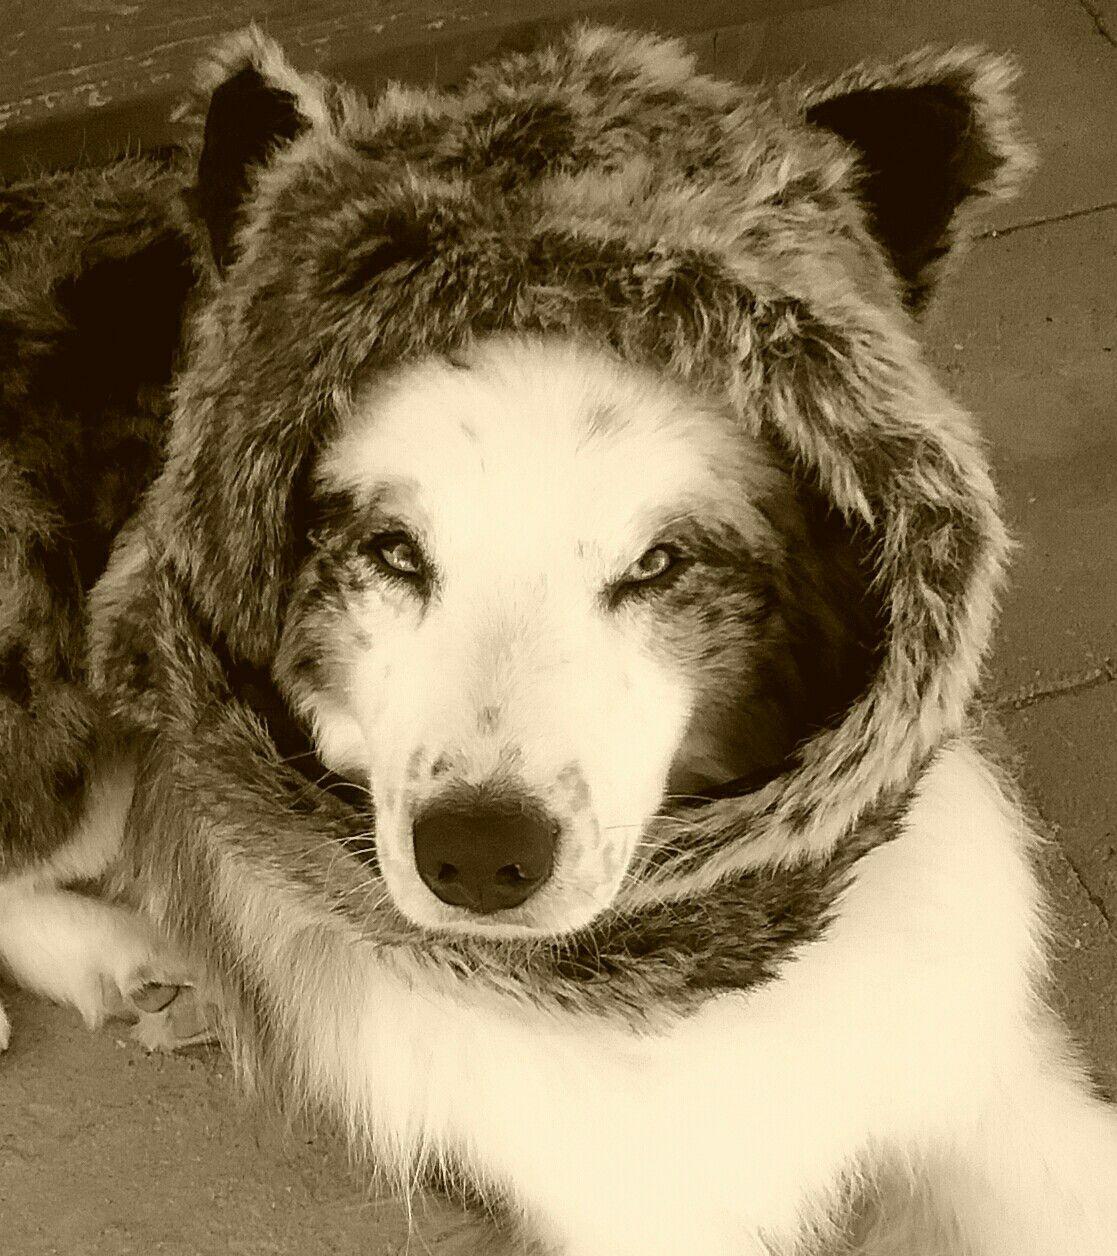 Carman Aussies- My Australian Shepherd Ryder wearing my winter hat. He looks like a bear...heehee.